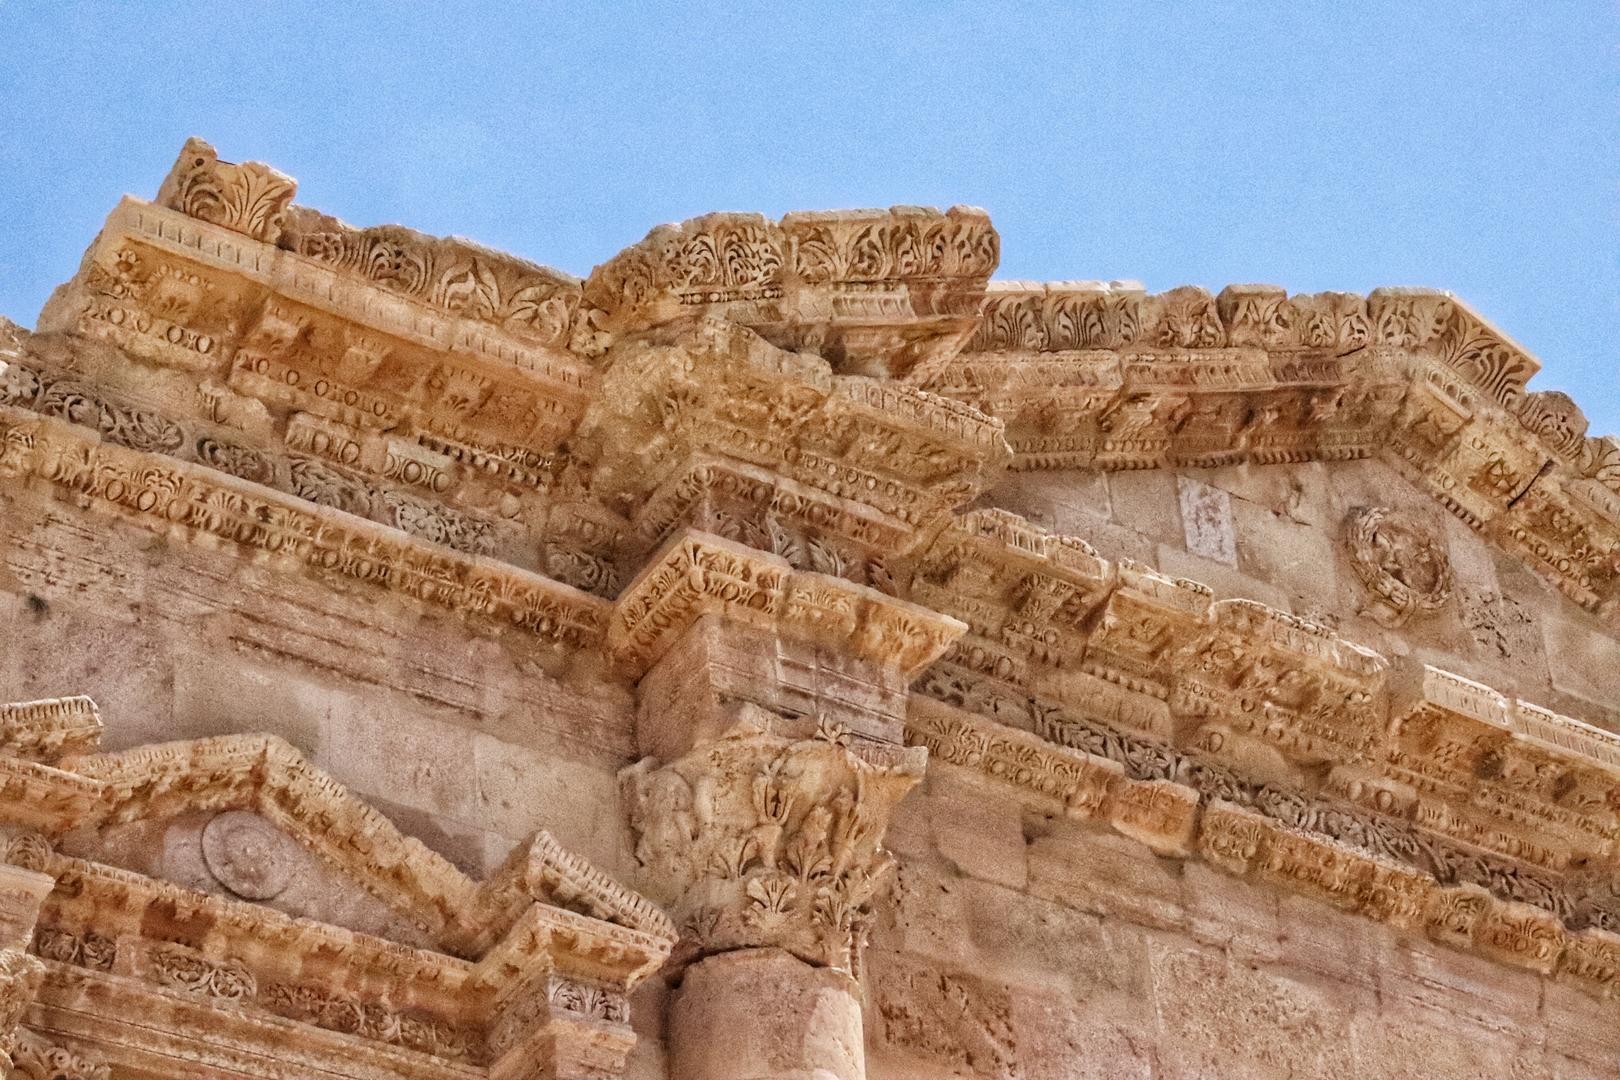 Jordanie - Détail du nymphée sur le site romain de Jerash